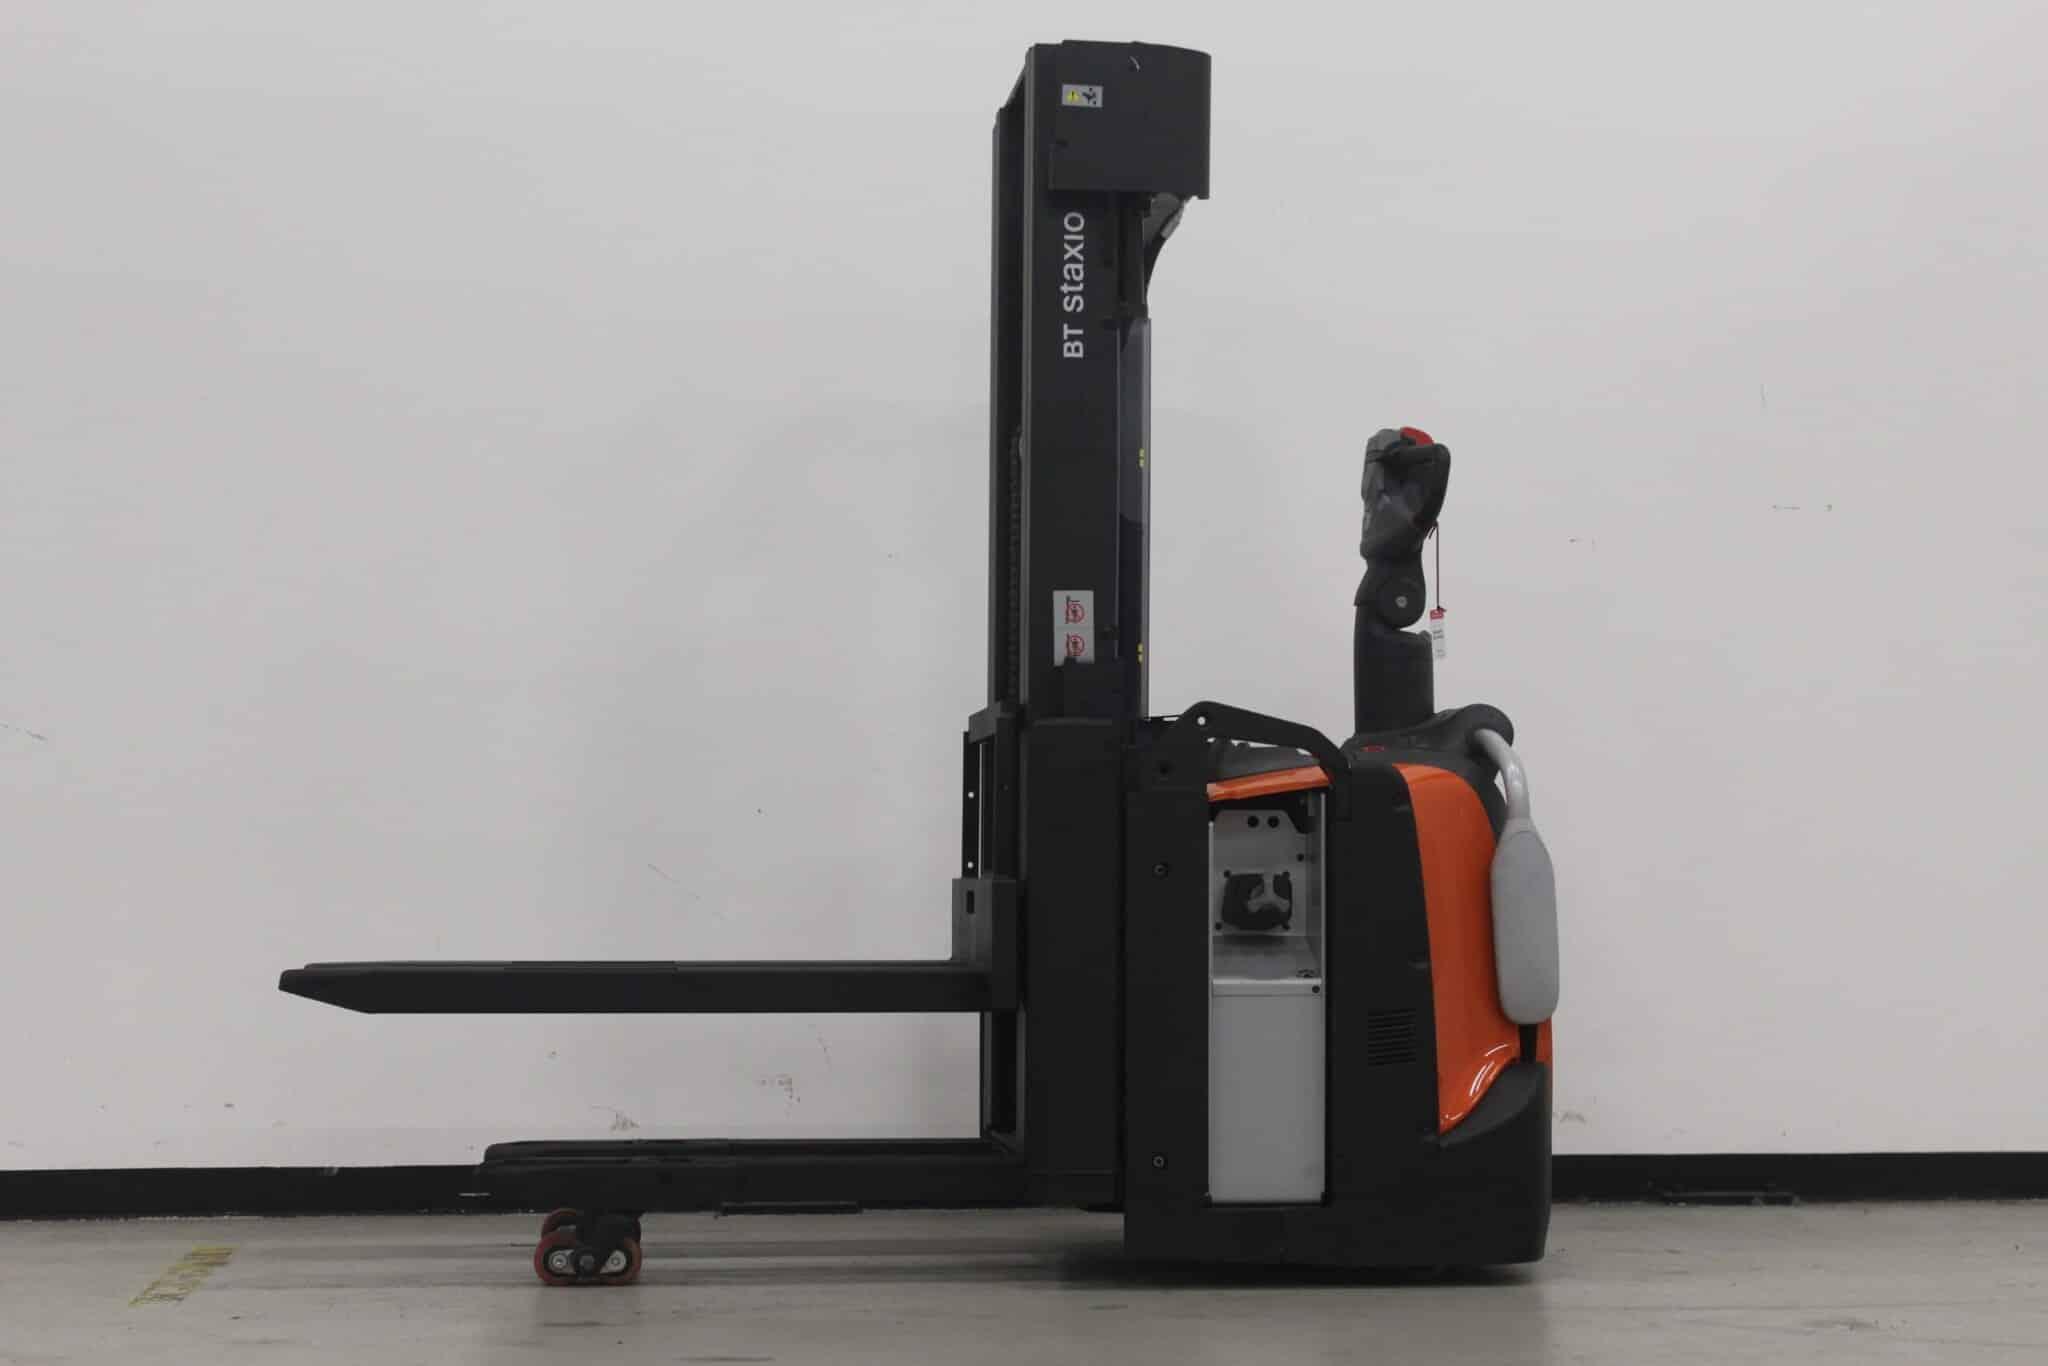 Toyota-Gabelstapler-59840 2003041031 1 scaled